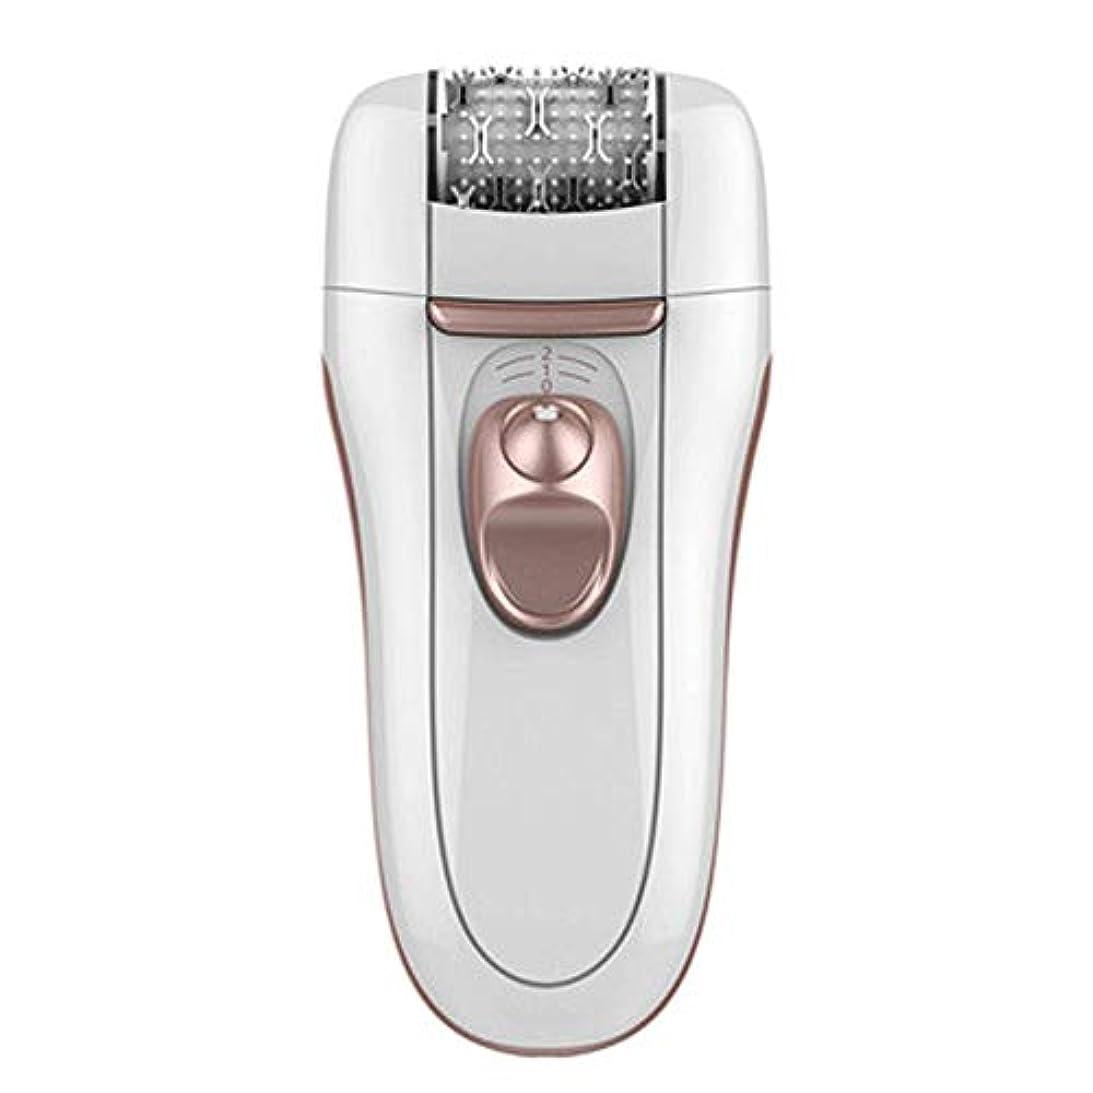 印象的な快適冷蔵するXUEYAQI- 電気アイスポイント脱毛器具、家庭用レーザー脱毛アーティファクト、男性と女性の外部脱毛器、痛みのない顔用脱毛器(ローズゴールド)